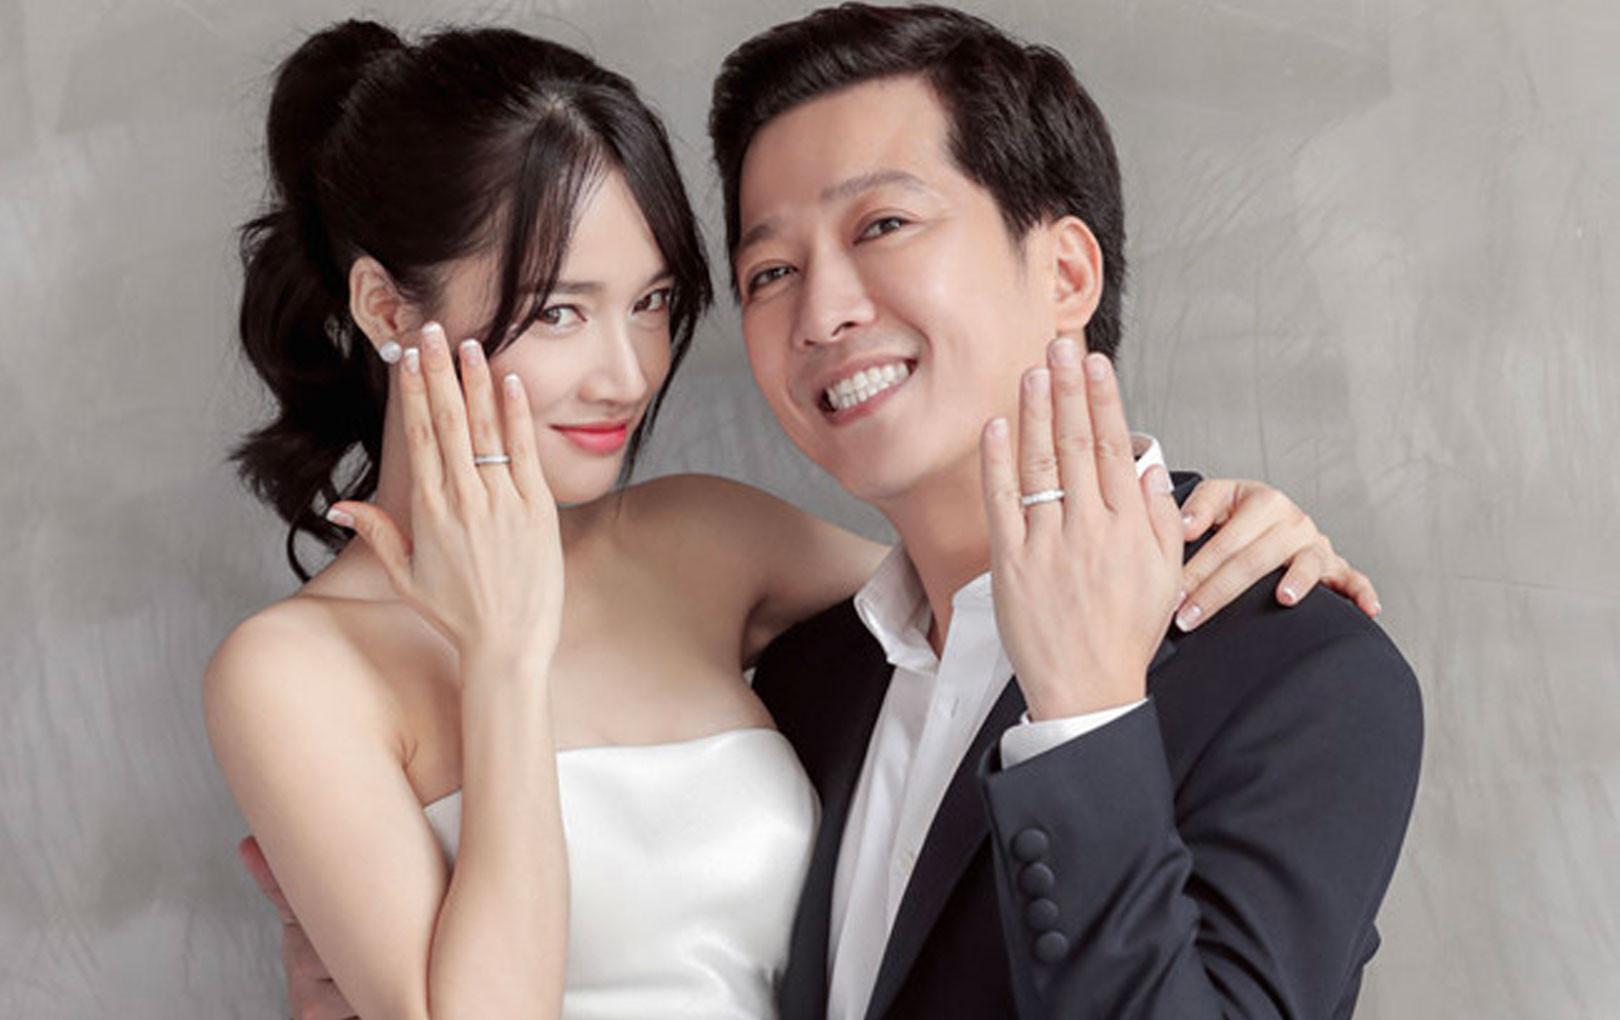 Sau khi kết hôn, Trường Giang trở thành ông chồng chiều vợ nhất nhì showbiz Việt